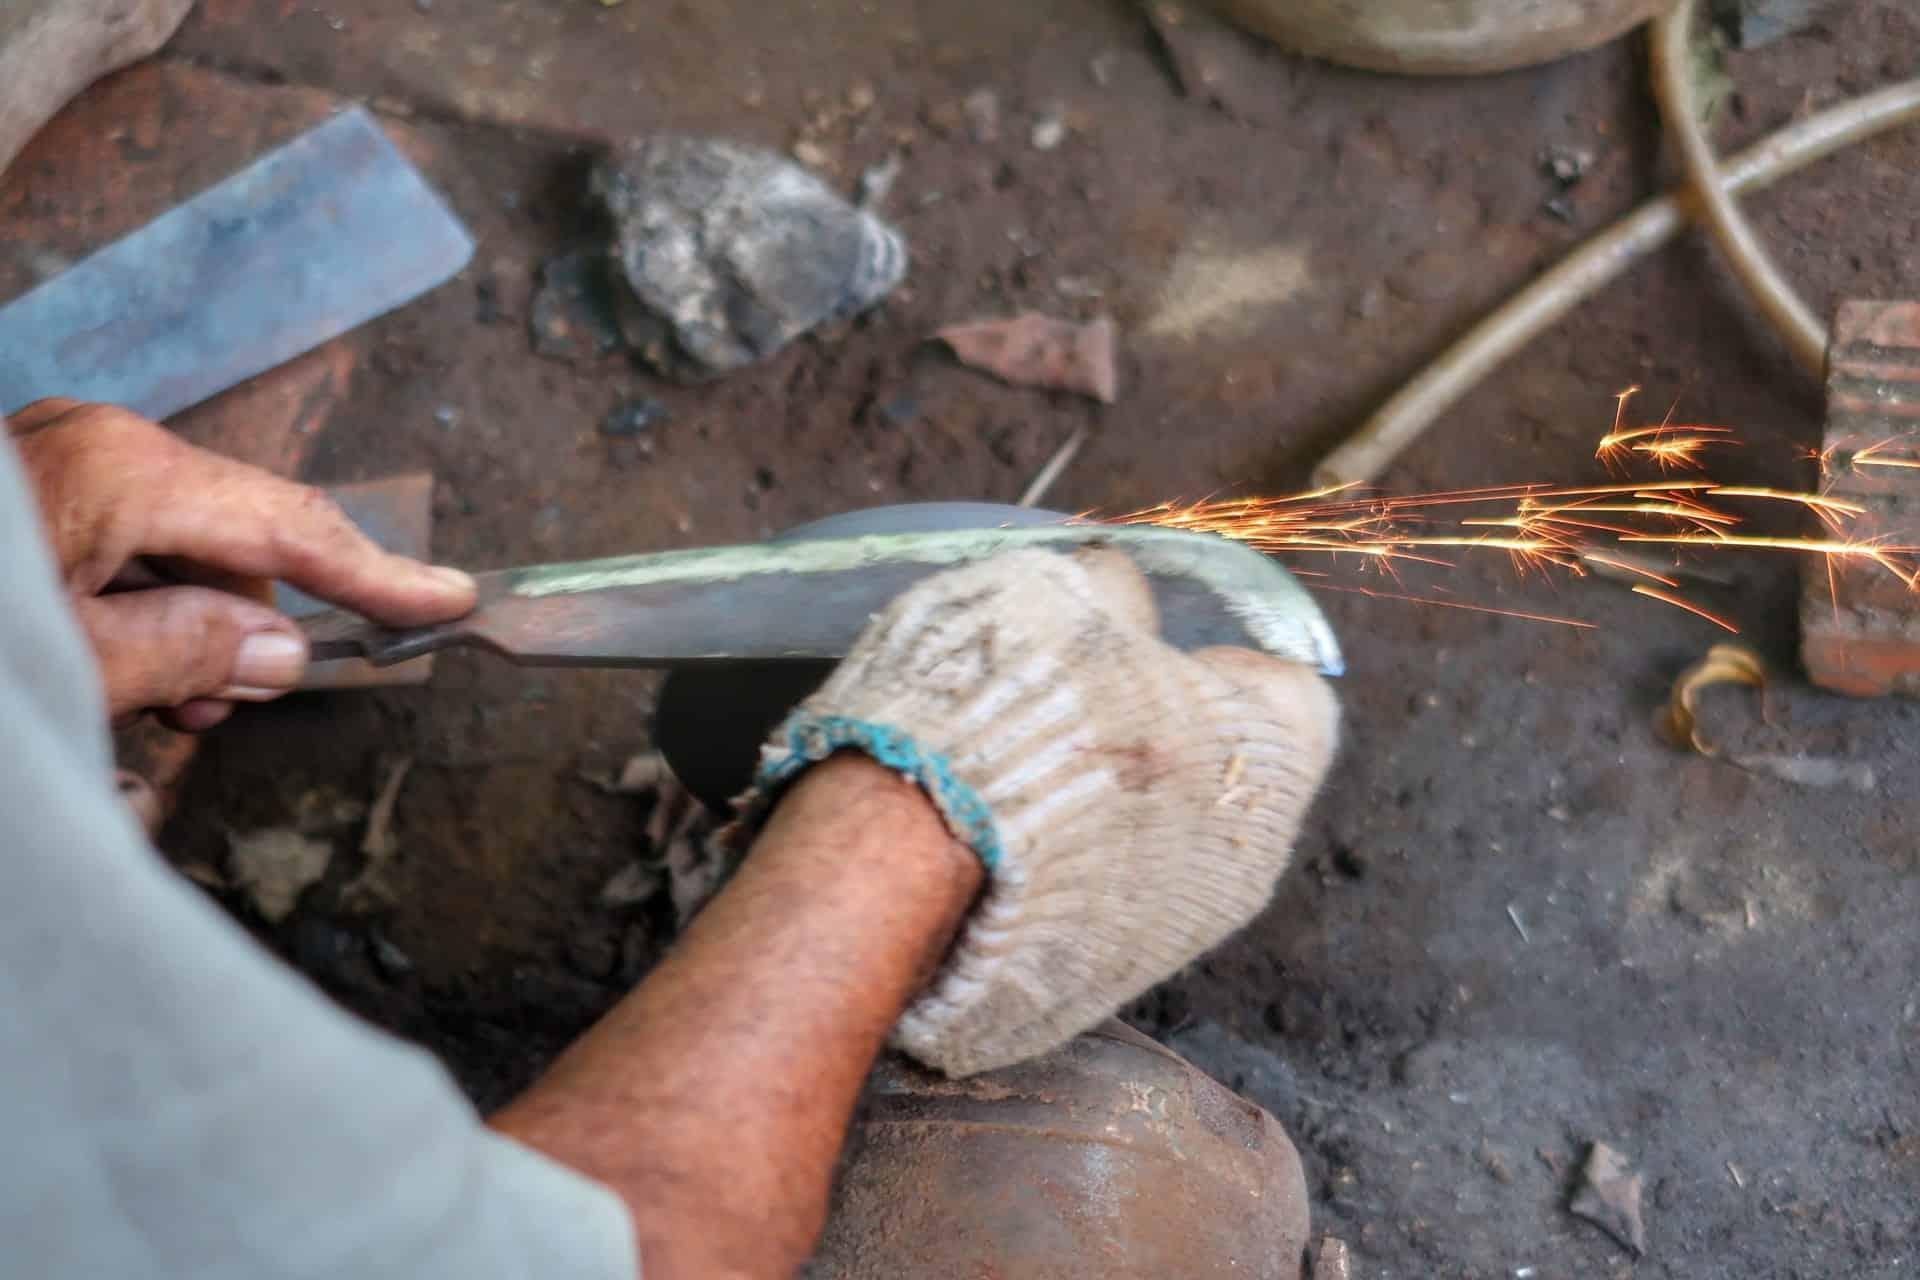 Mand sliber knive af gammelt jern